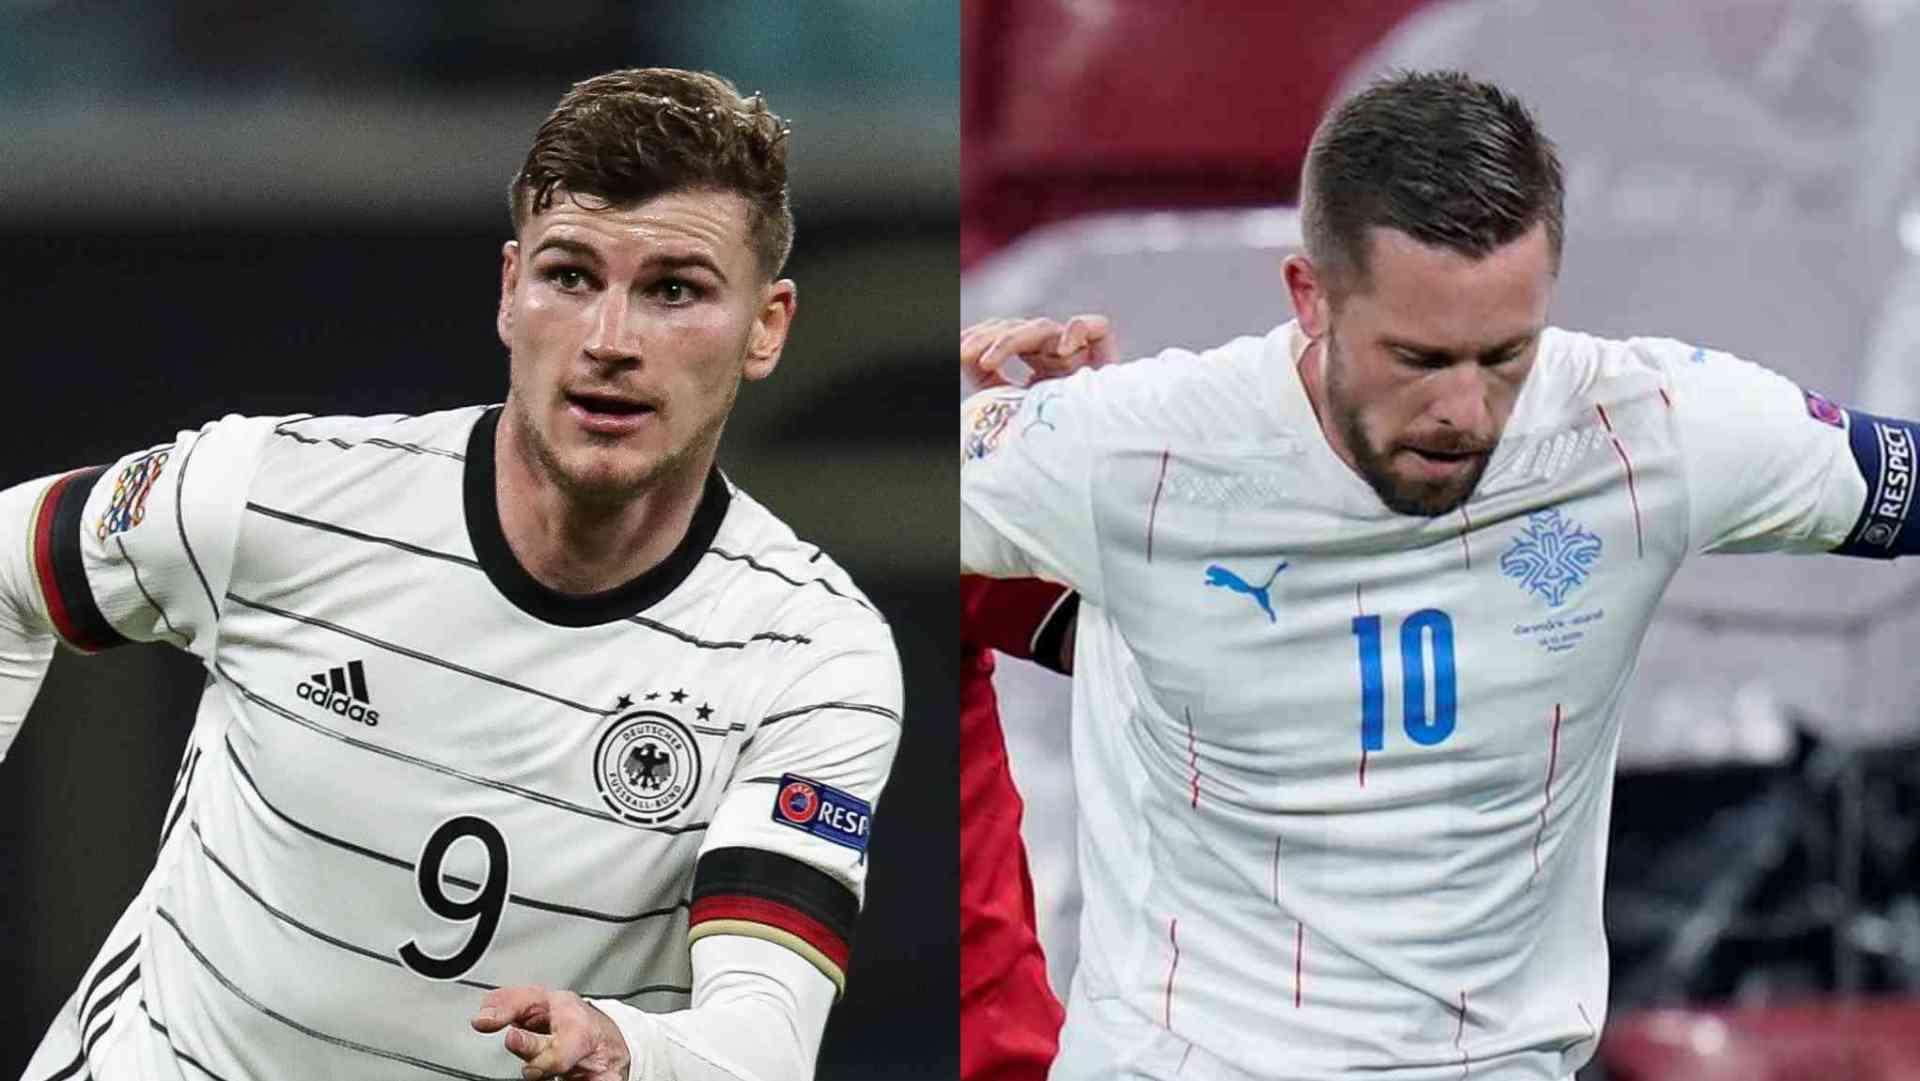 Deutschland Island Dfb Elf Holt Ungefahrdeten Sieg In Der Wm Qualifikation Goal Com